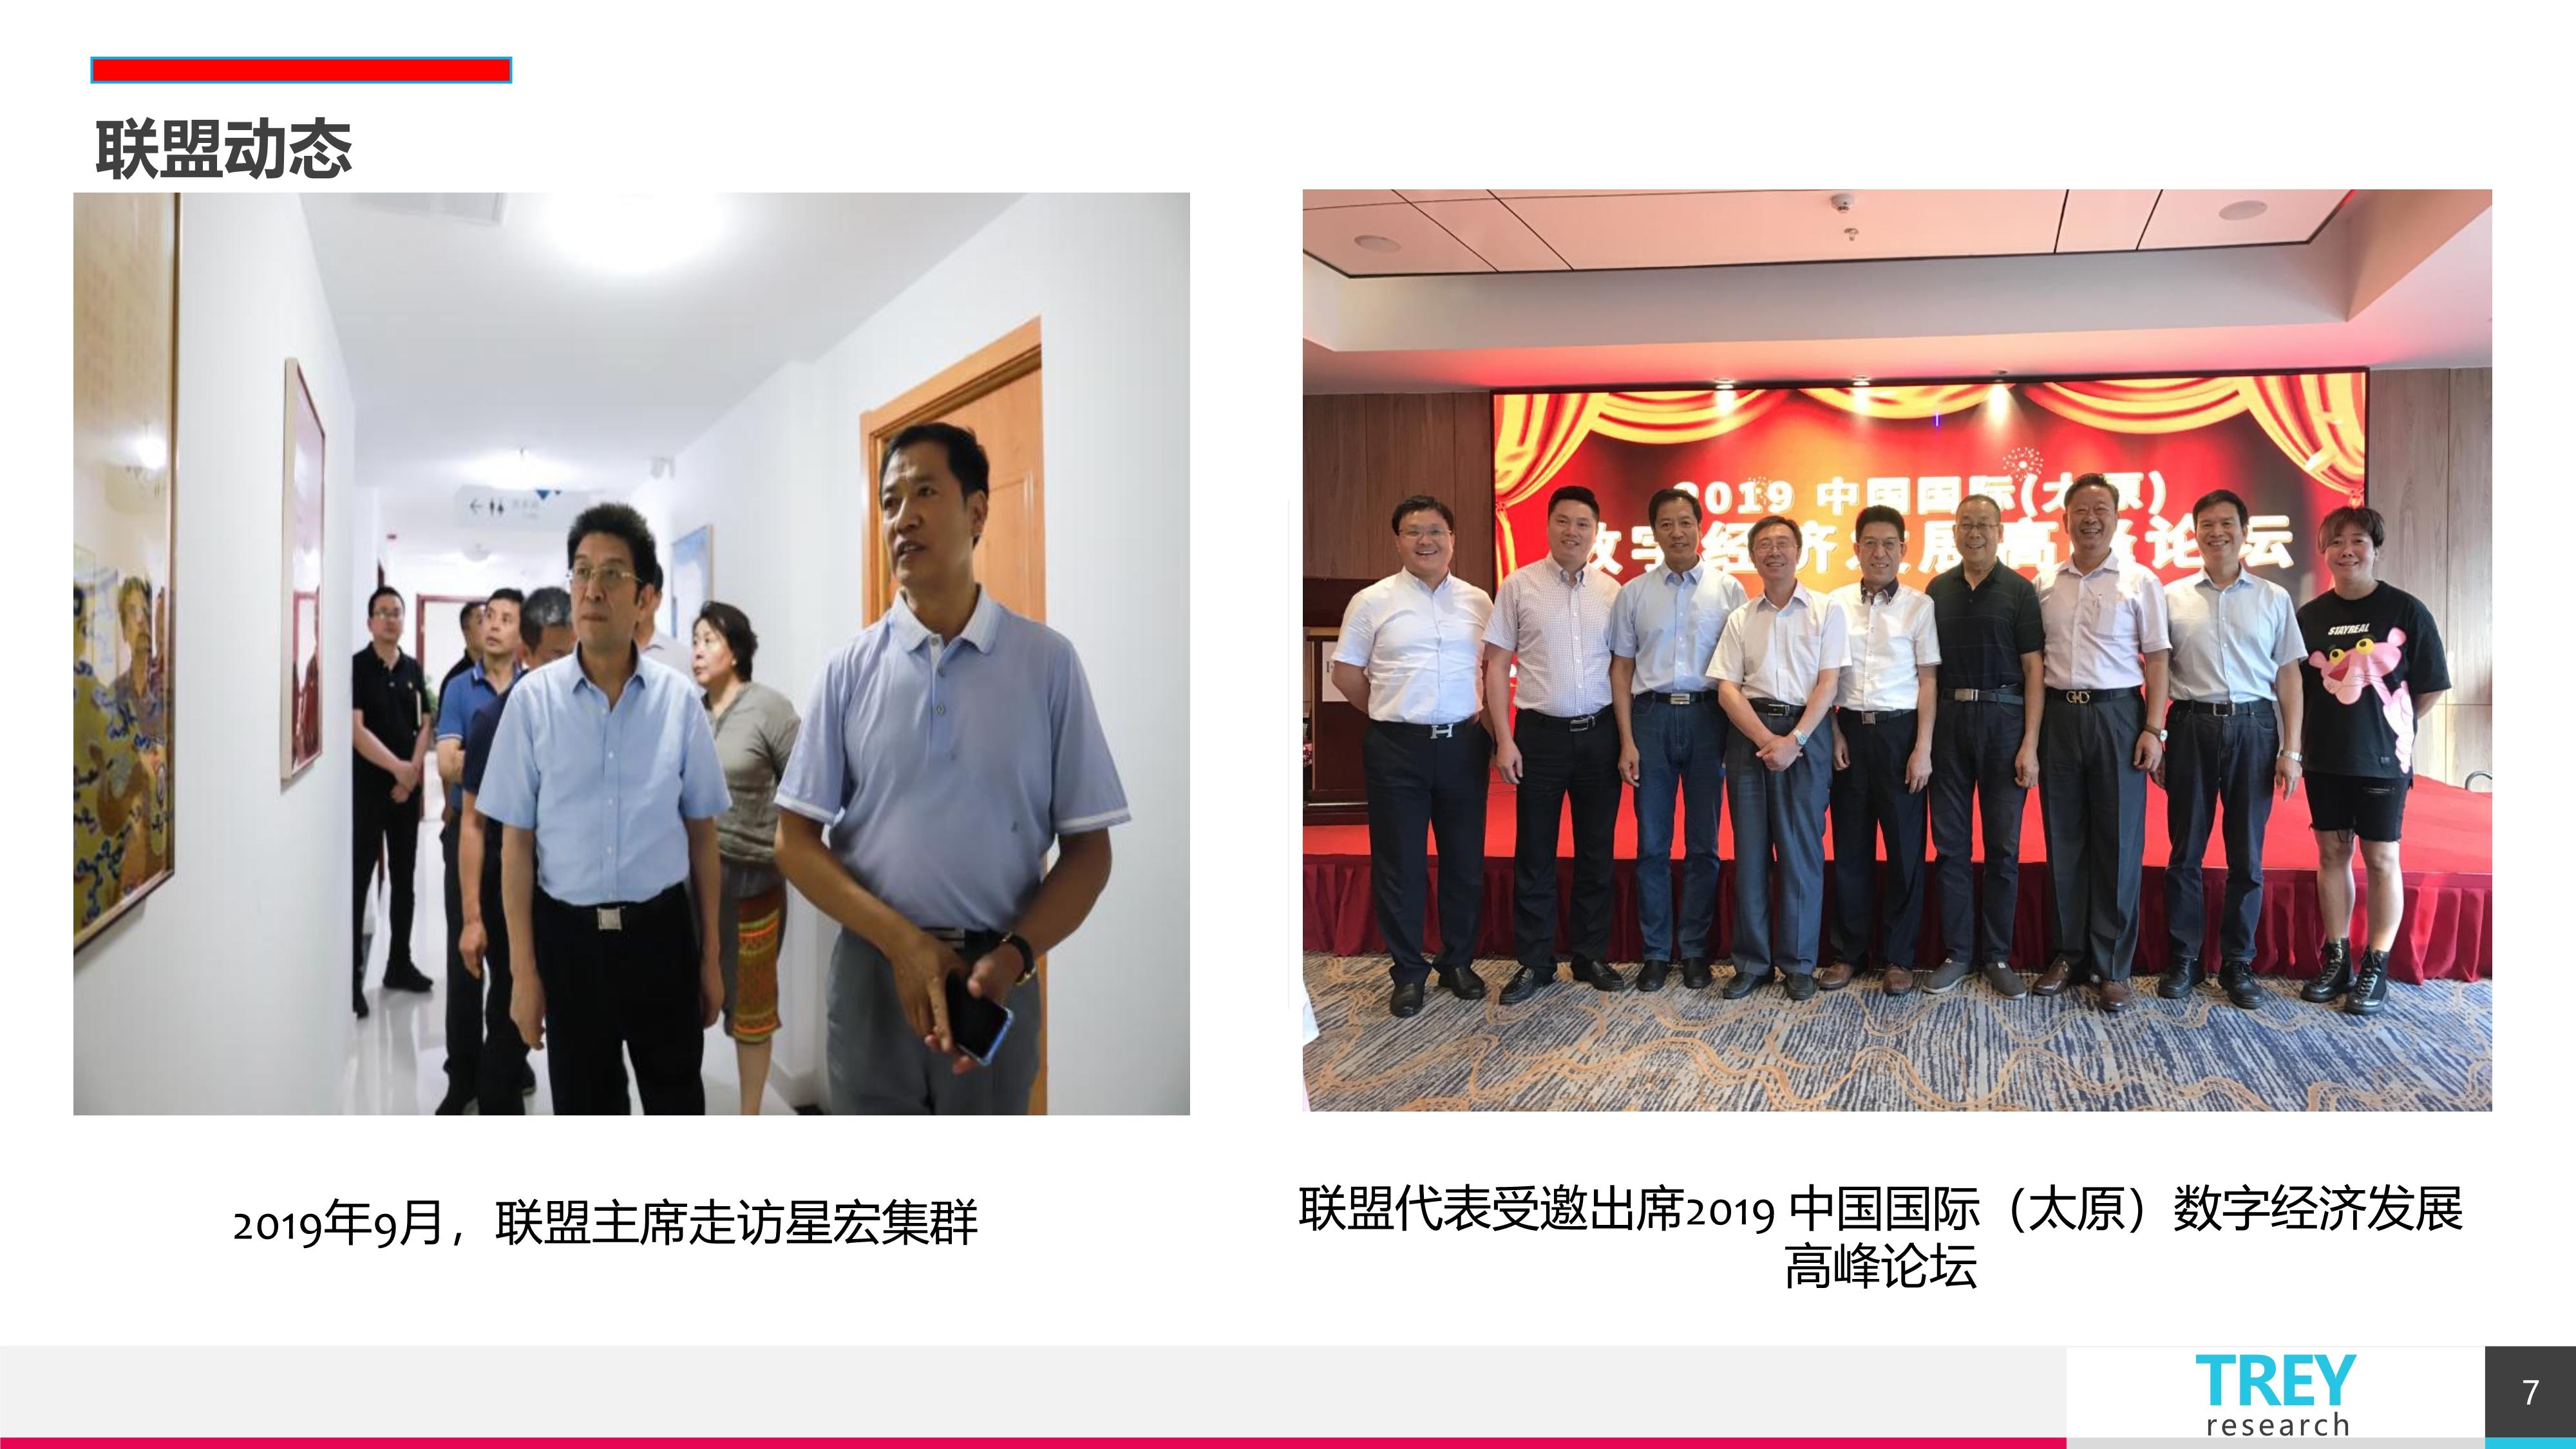 1中國電子商務商協會聯盟0220-1_7